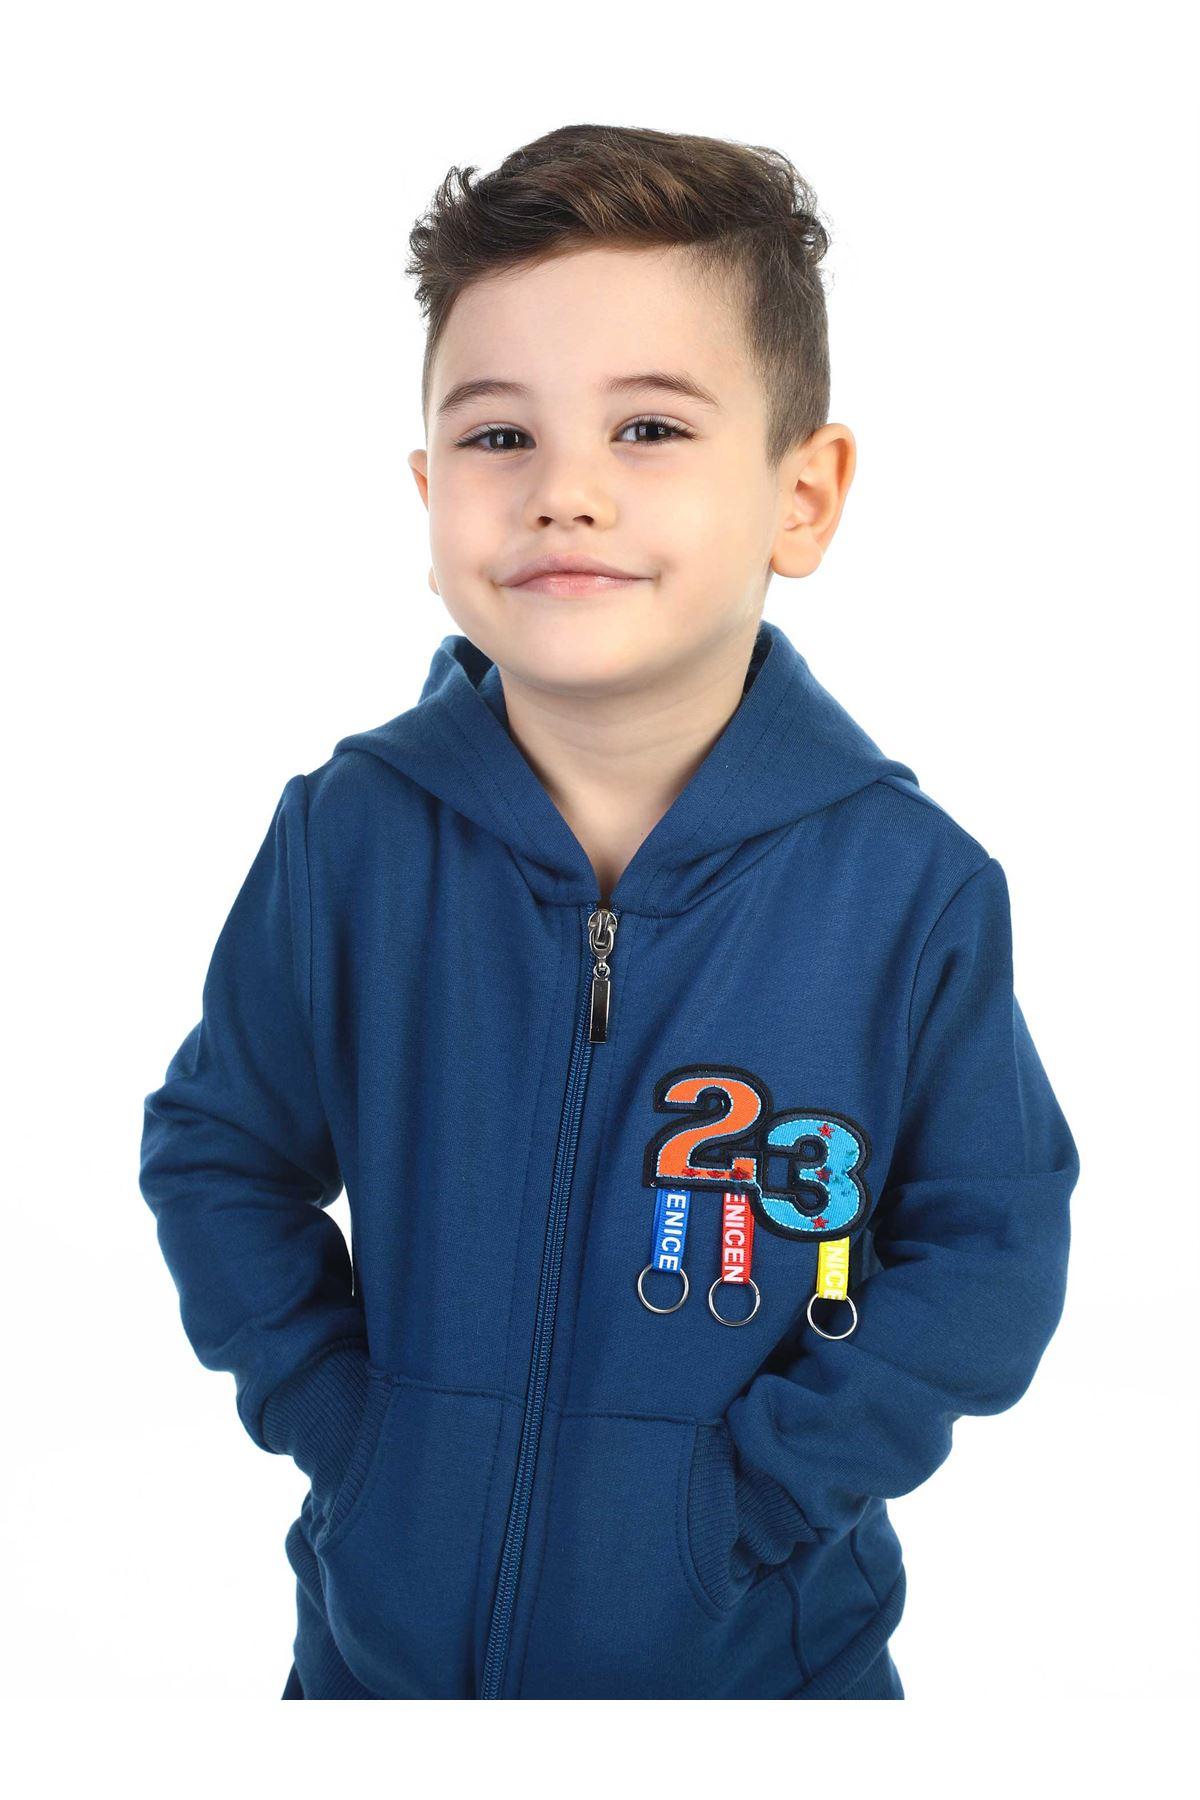 Indigo Seasonal Male Child Jacket